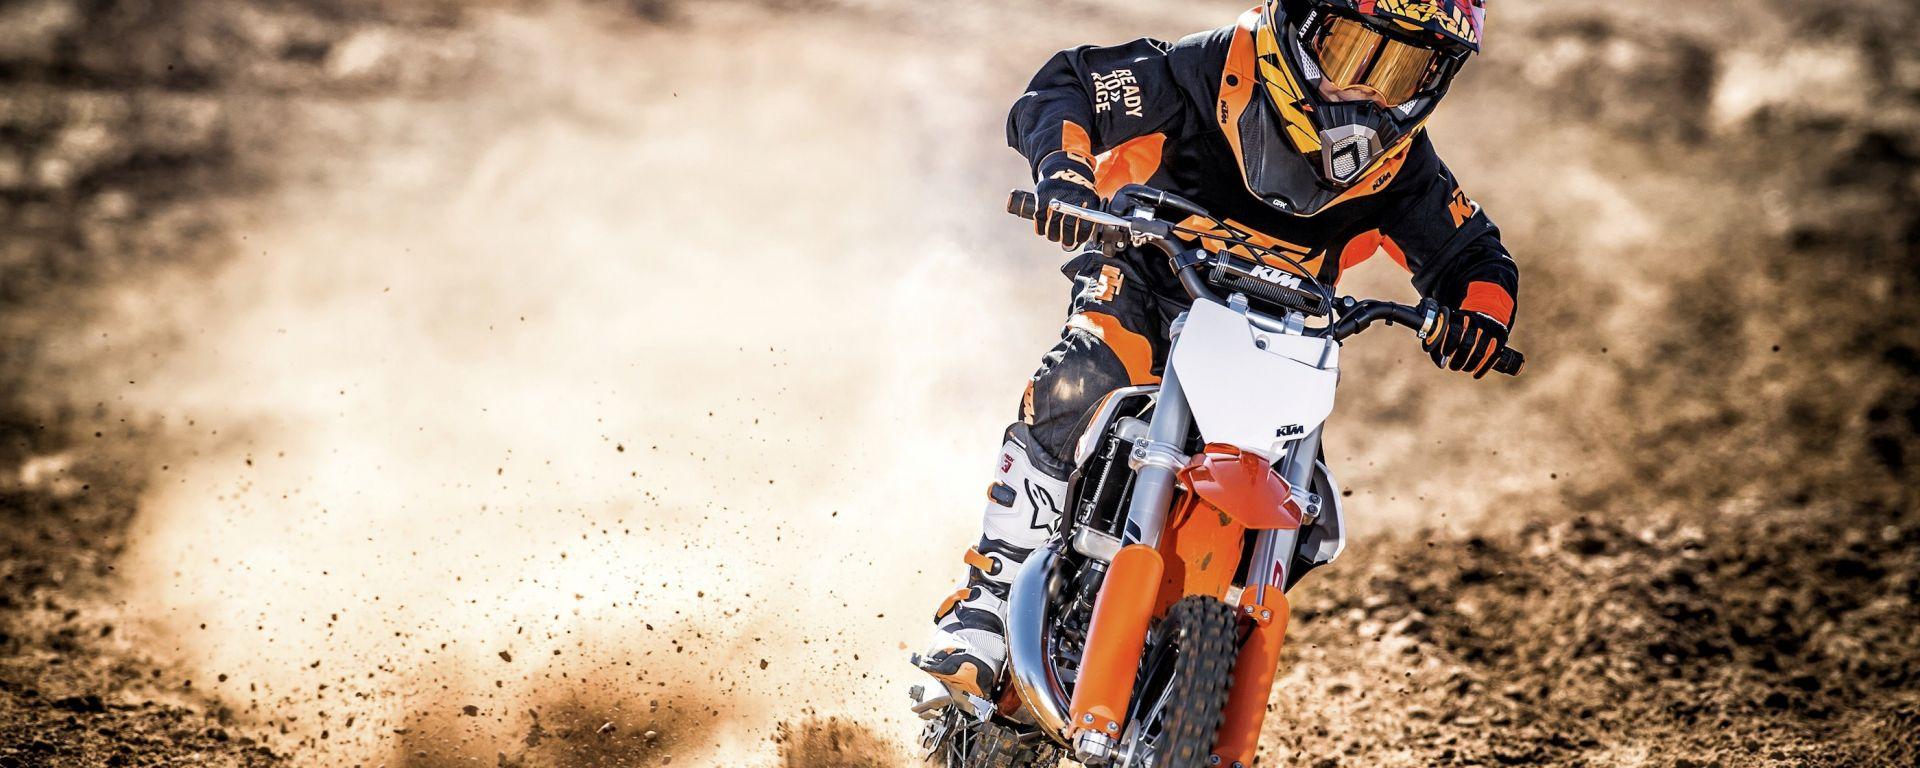 KTM: gamma SX 2017, per fuoristradisti in erba